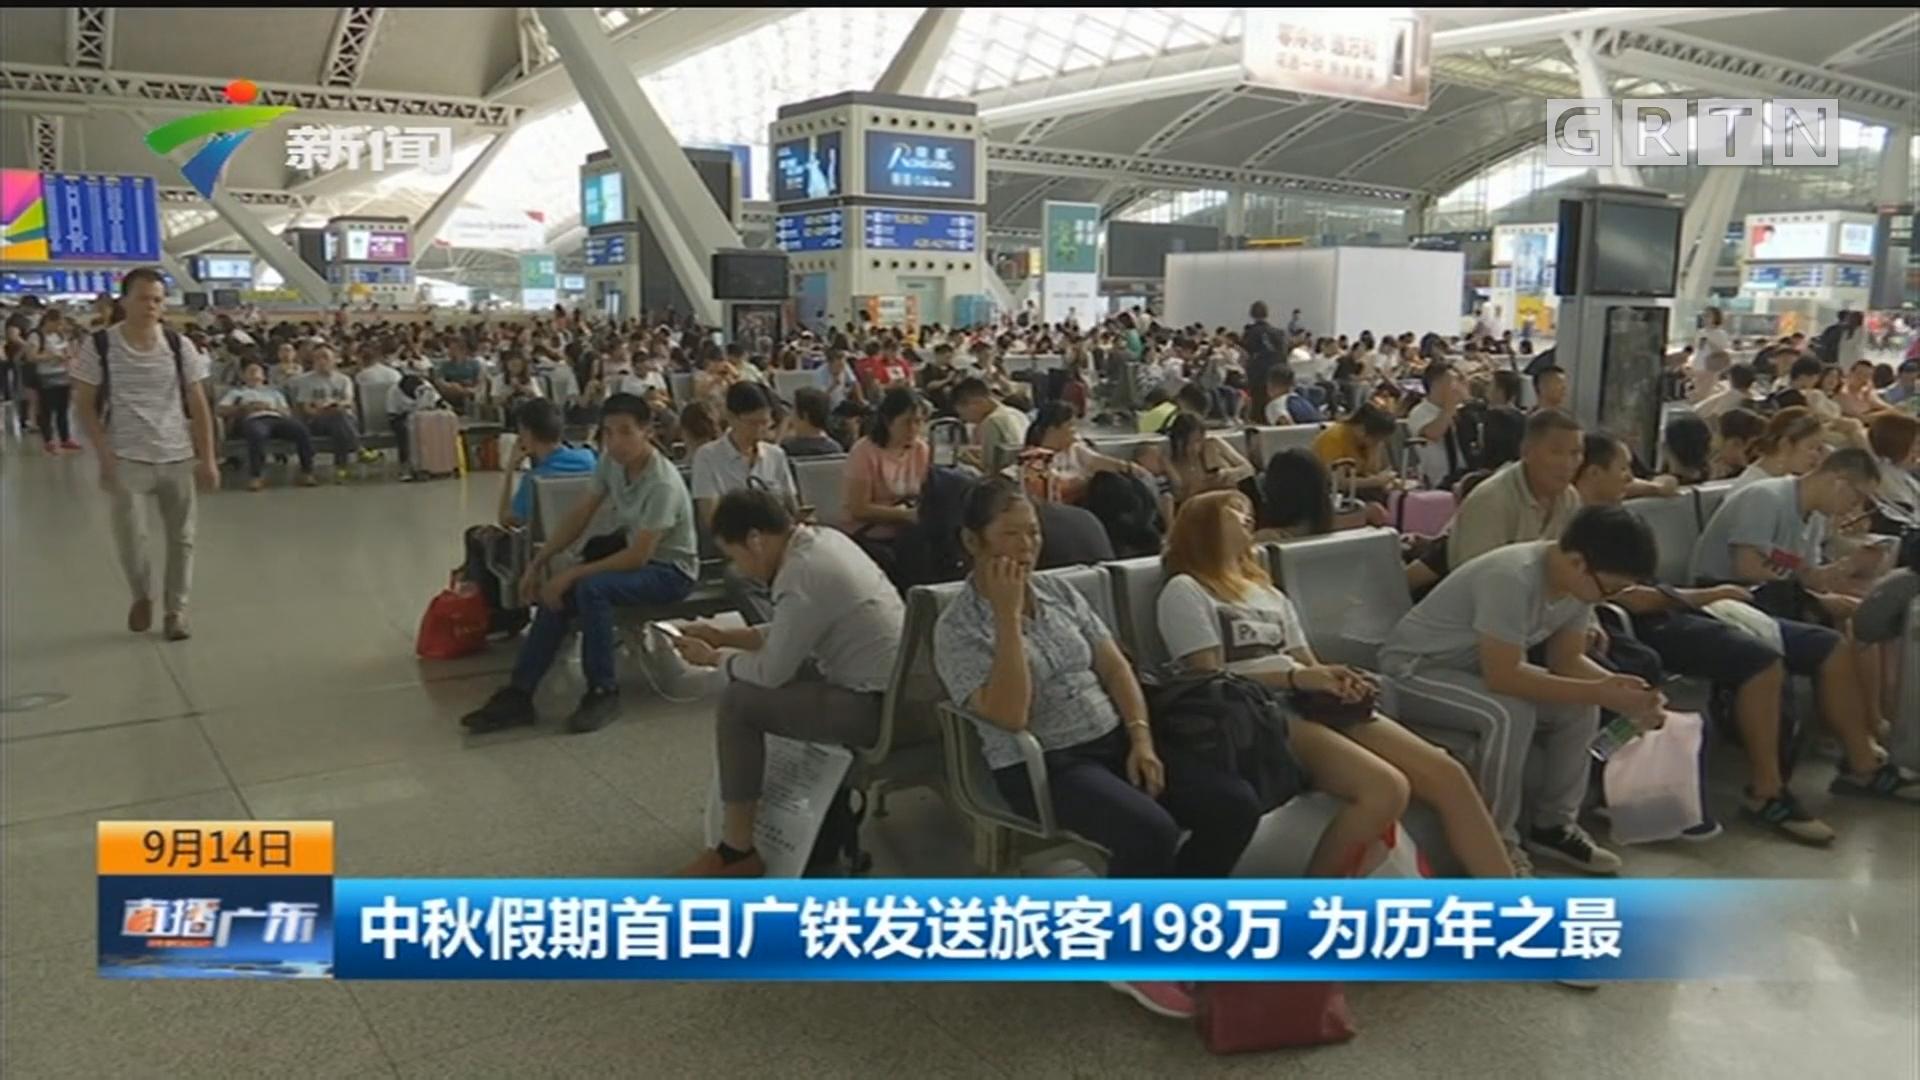 中秋假期首日广铁发送旅客198万 为历年之最